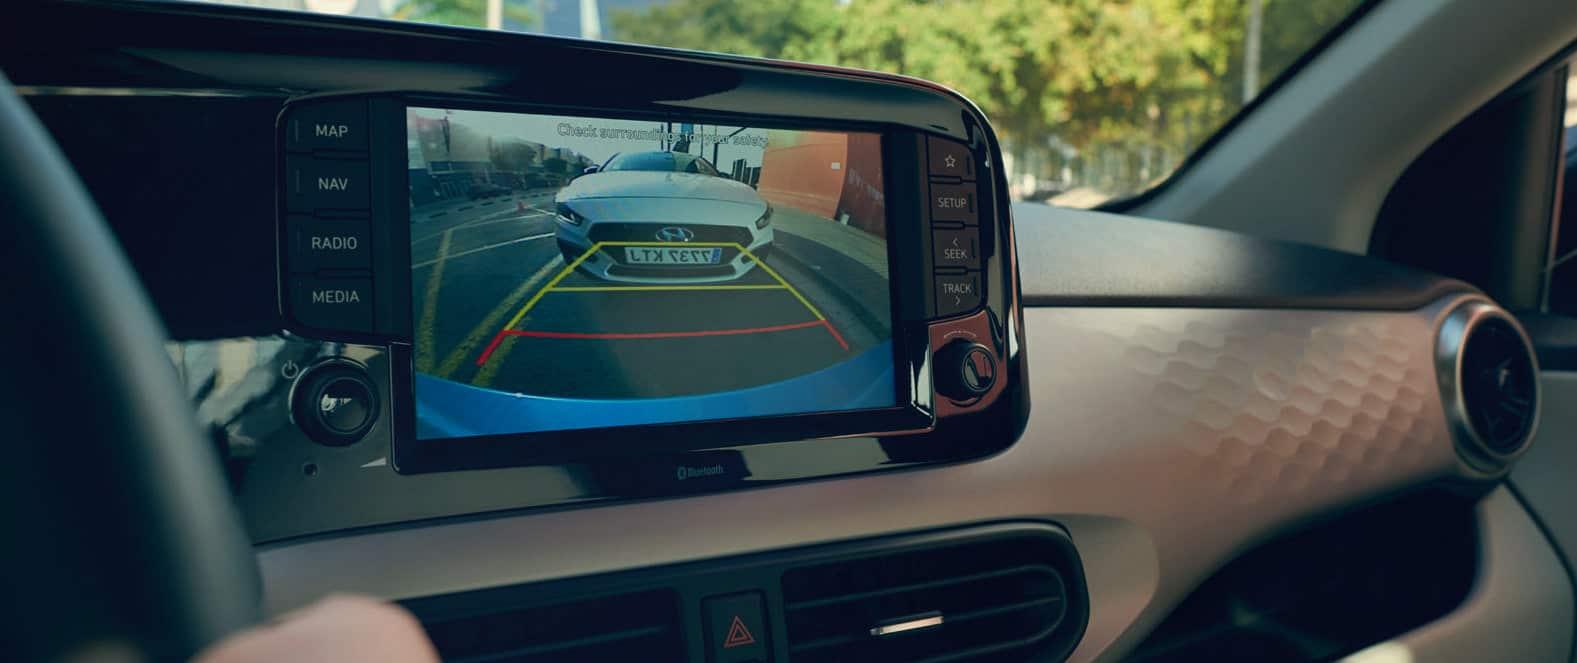 Komfor i bezbednost osoba i predmeta van vozila